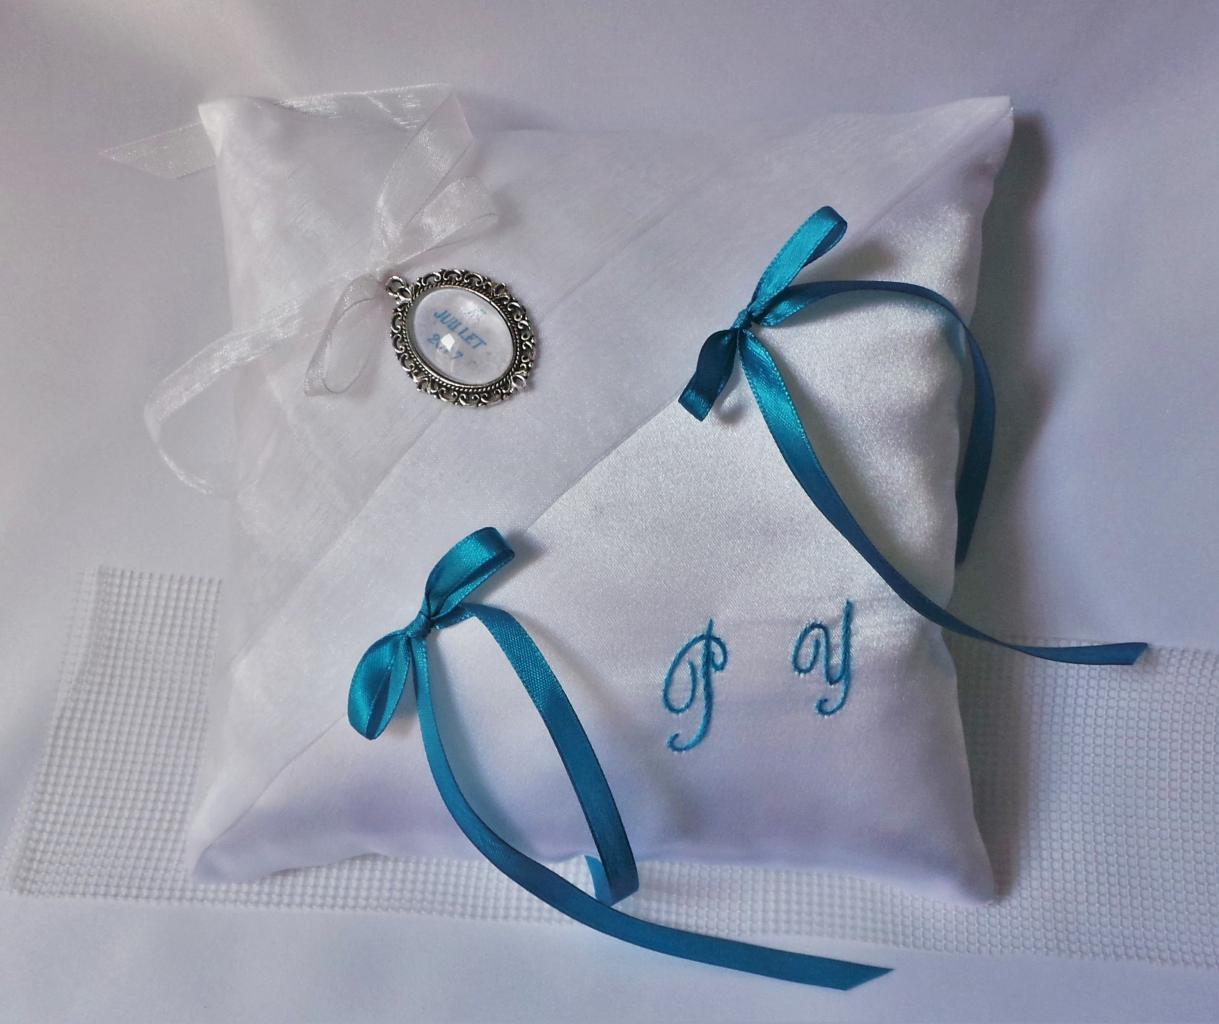 Coussin de mariage porte alliance chic blanc turquoise personnalisé